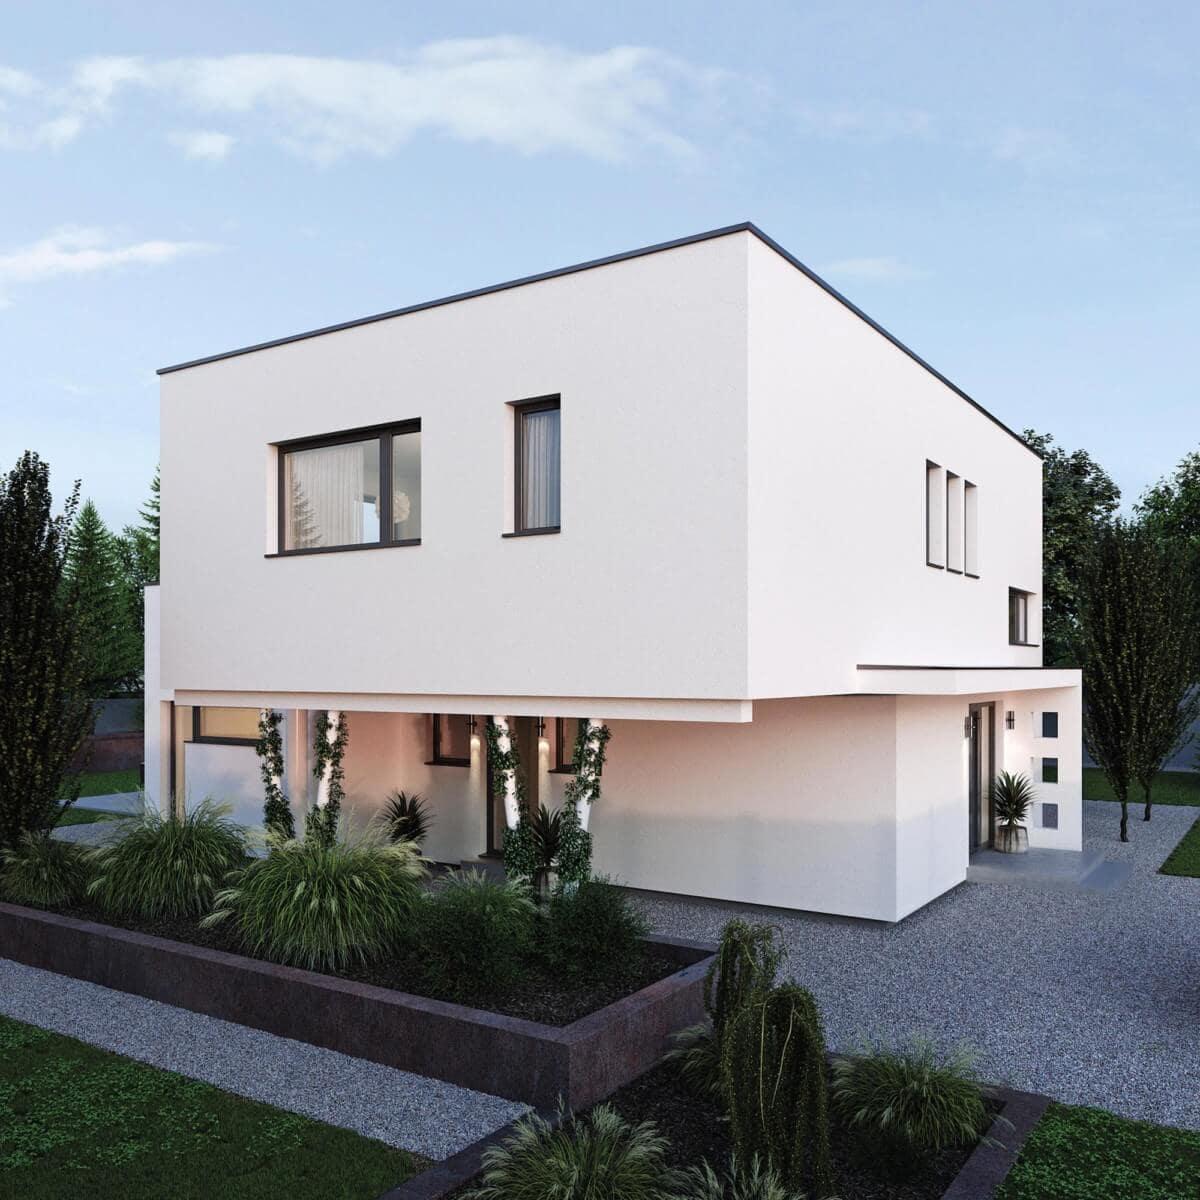 Stadtvilla modern mit Flachdach & integriertem Carport im Bauhausstil - Haus Design Ideen Fertighaus ELK Haus 164 - HausbauDirekt.de